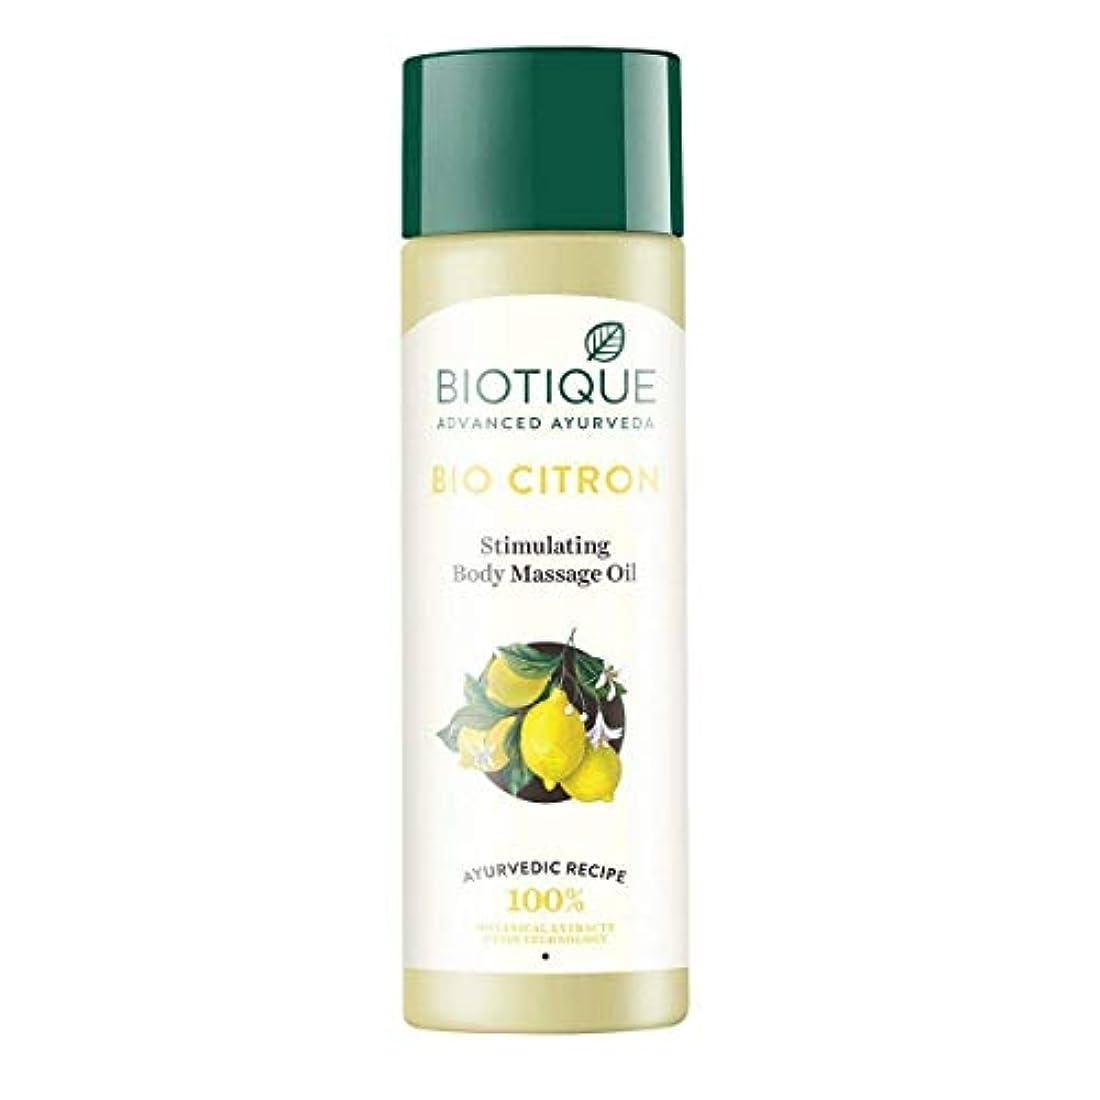 シエスタ固体中傷Biotique Bio Citron Stimulating Body Massage Oil, 200ml rich in vitamin Biotique バイオシトロン刺激ボディマッサージオイル、ビタミン